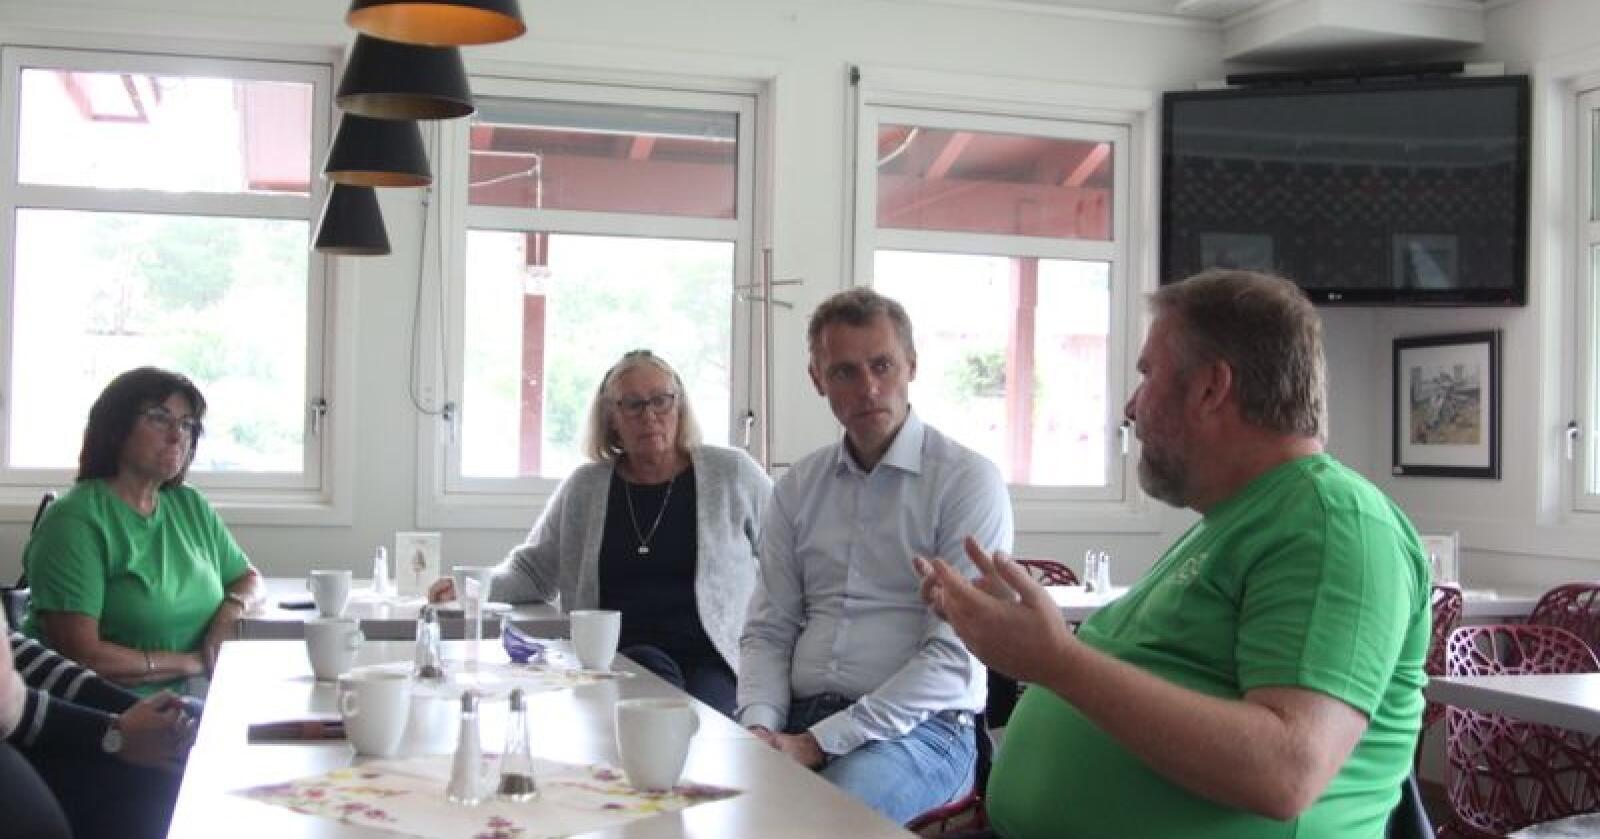 Kari og Ola Borten Moe møtte blant andre Dovre-ordfører Oddny Garmo og stortingsrepresentant Bengt Fasteraune på Dombås lørdag. Foto: Sivert Rossing